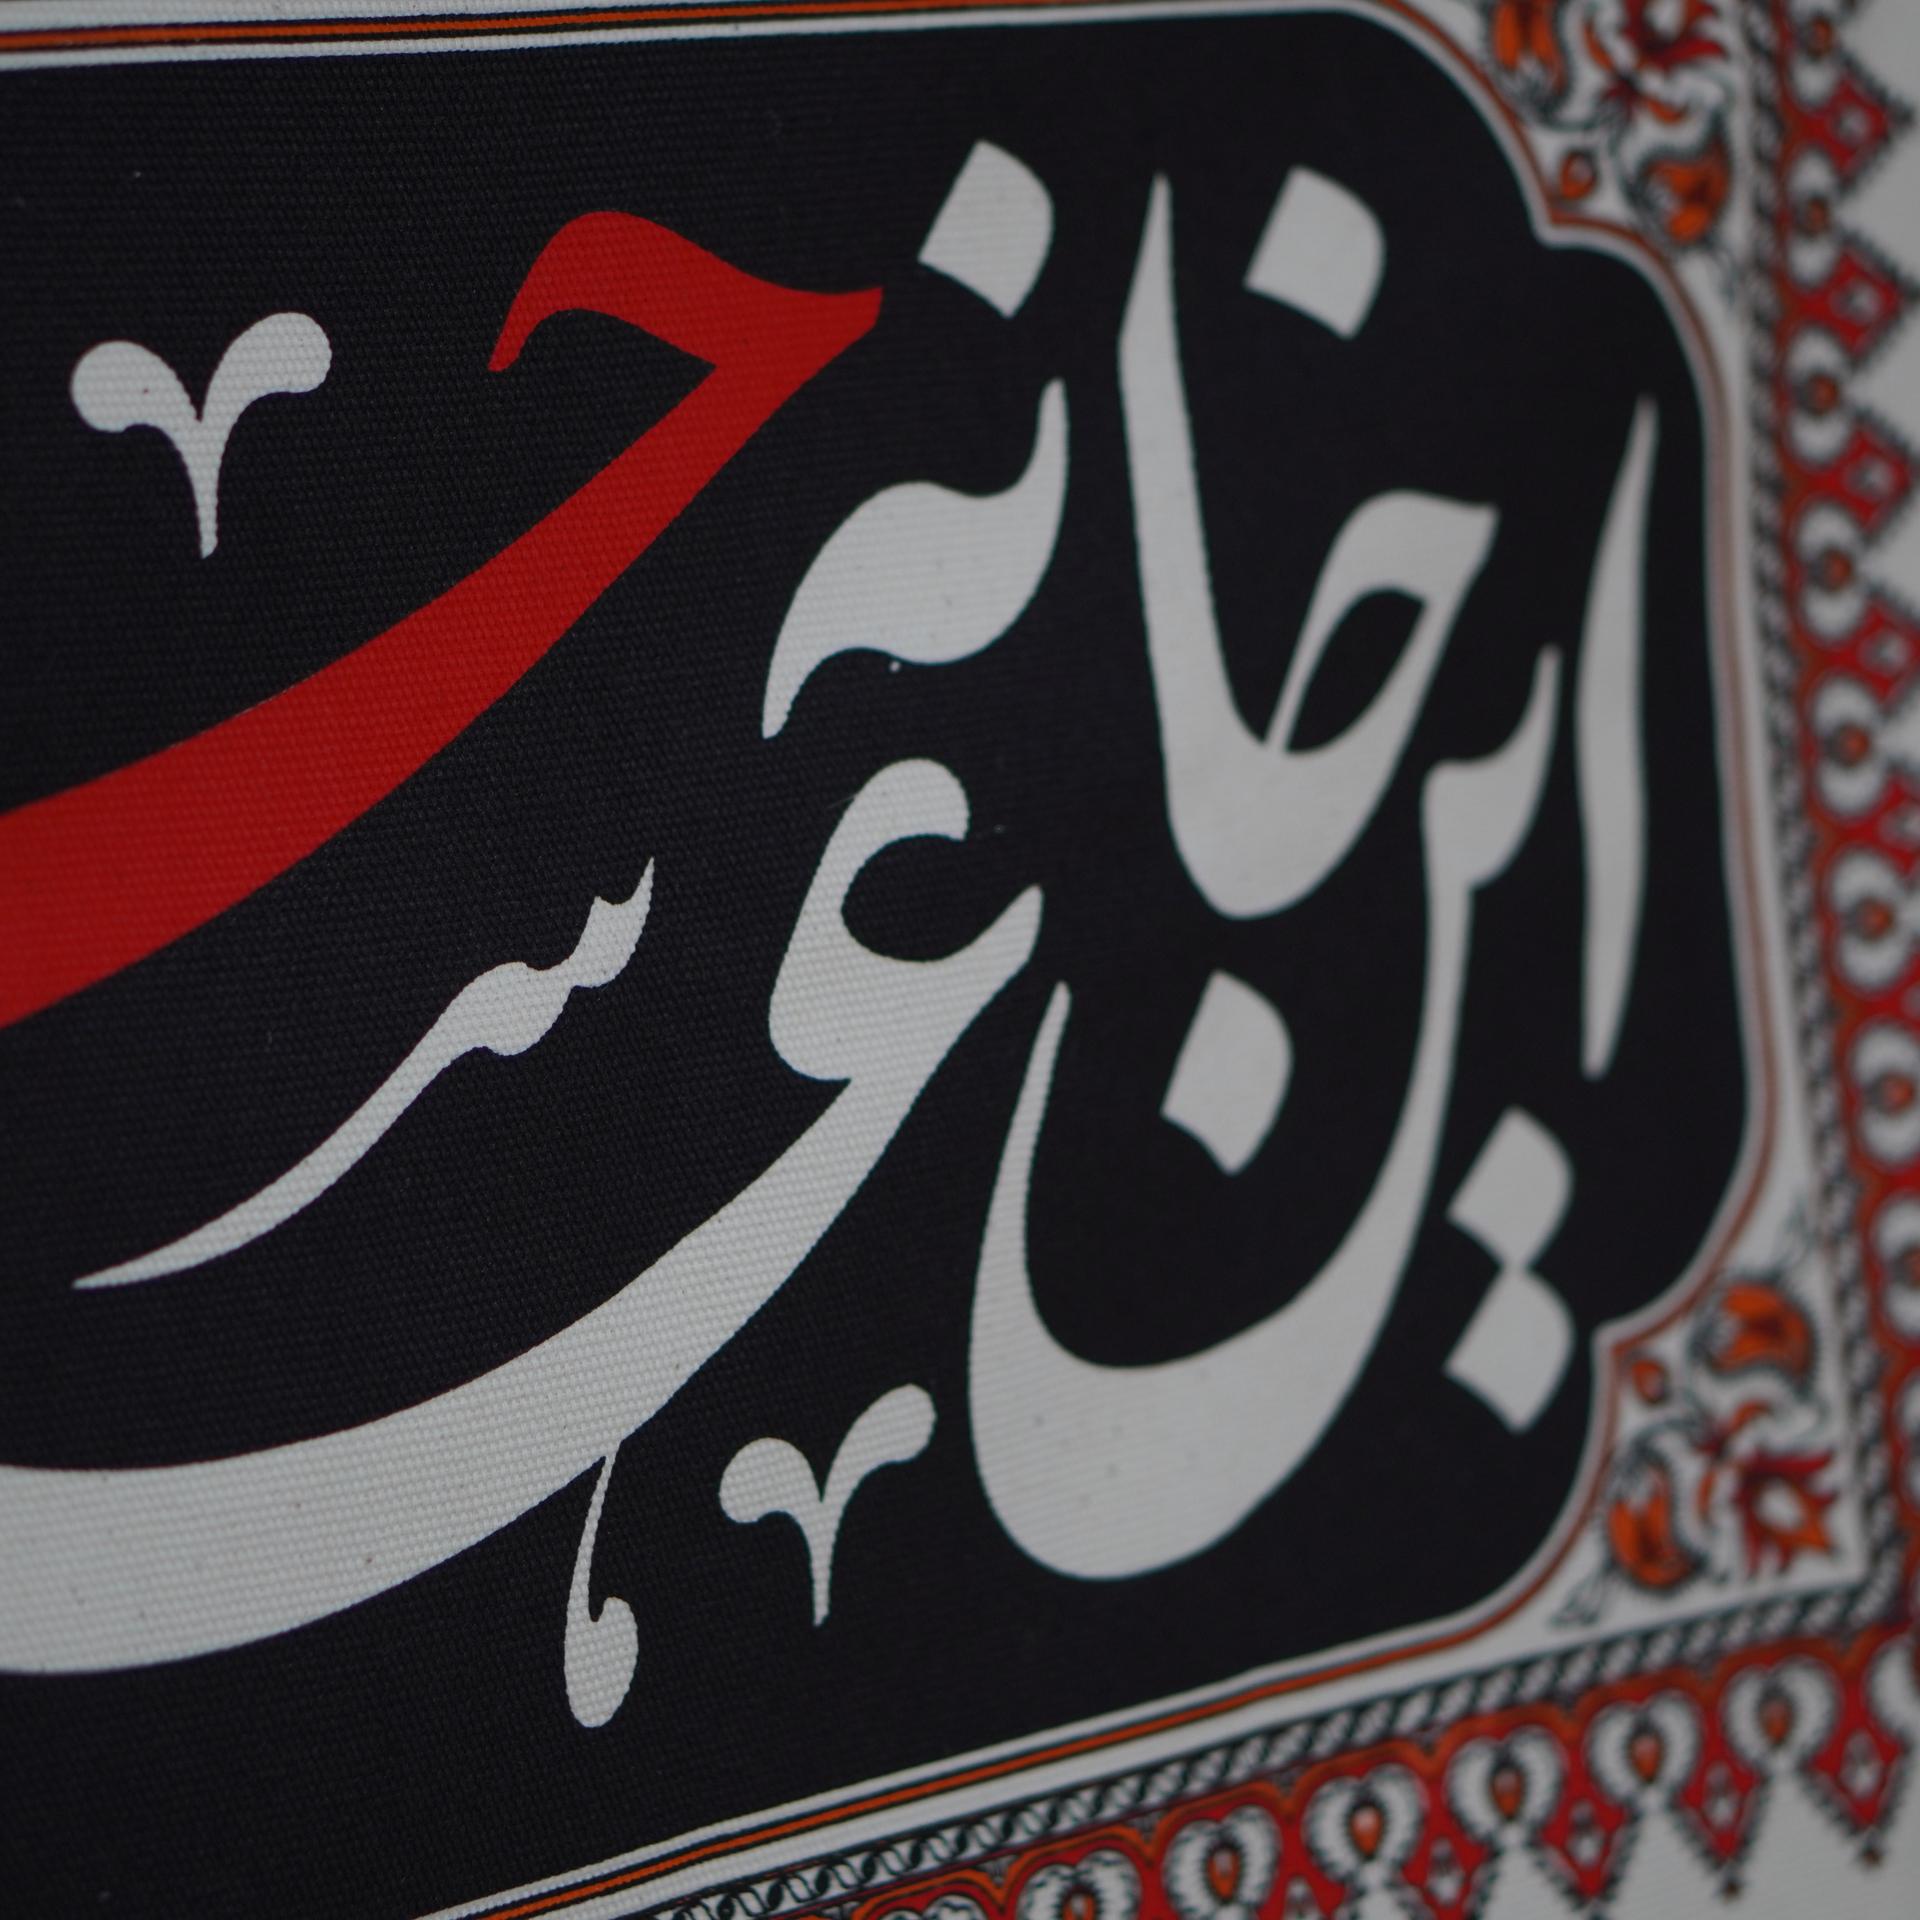 تصویر از کتیبه خانگی مدقال این خانه عزادار حسین است